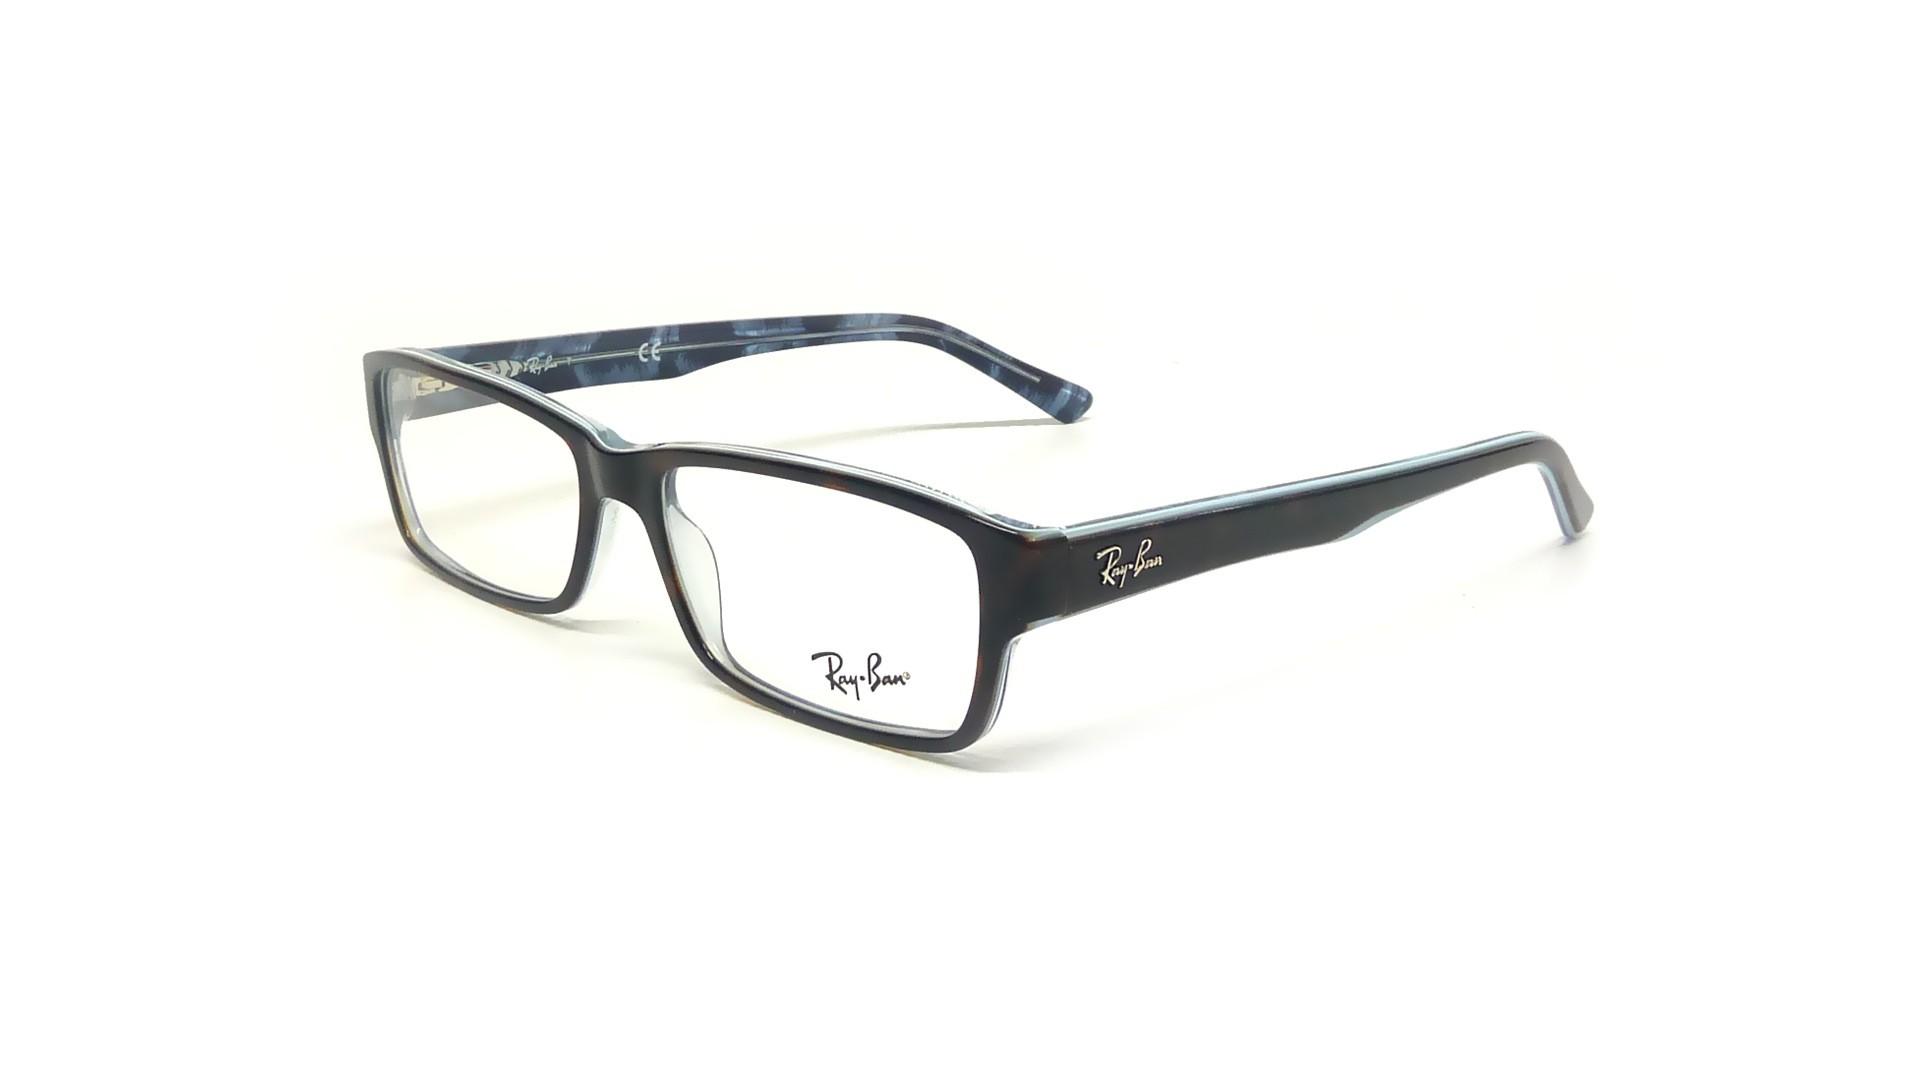 68f7af526a Ray Ban Rb 5169 Frames For Glasses « Heritage Malta